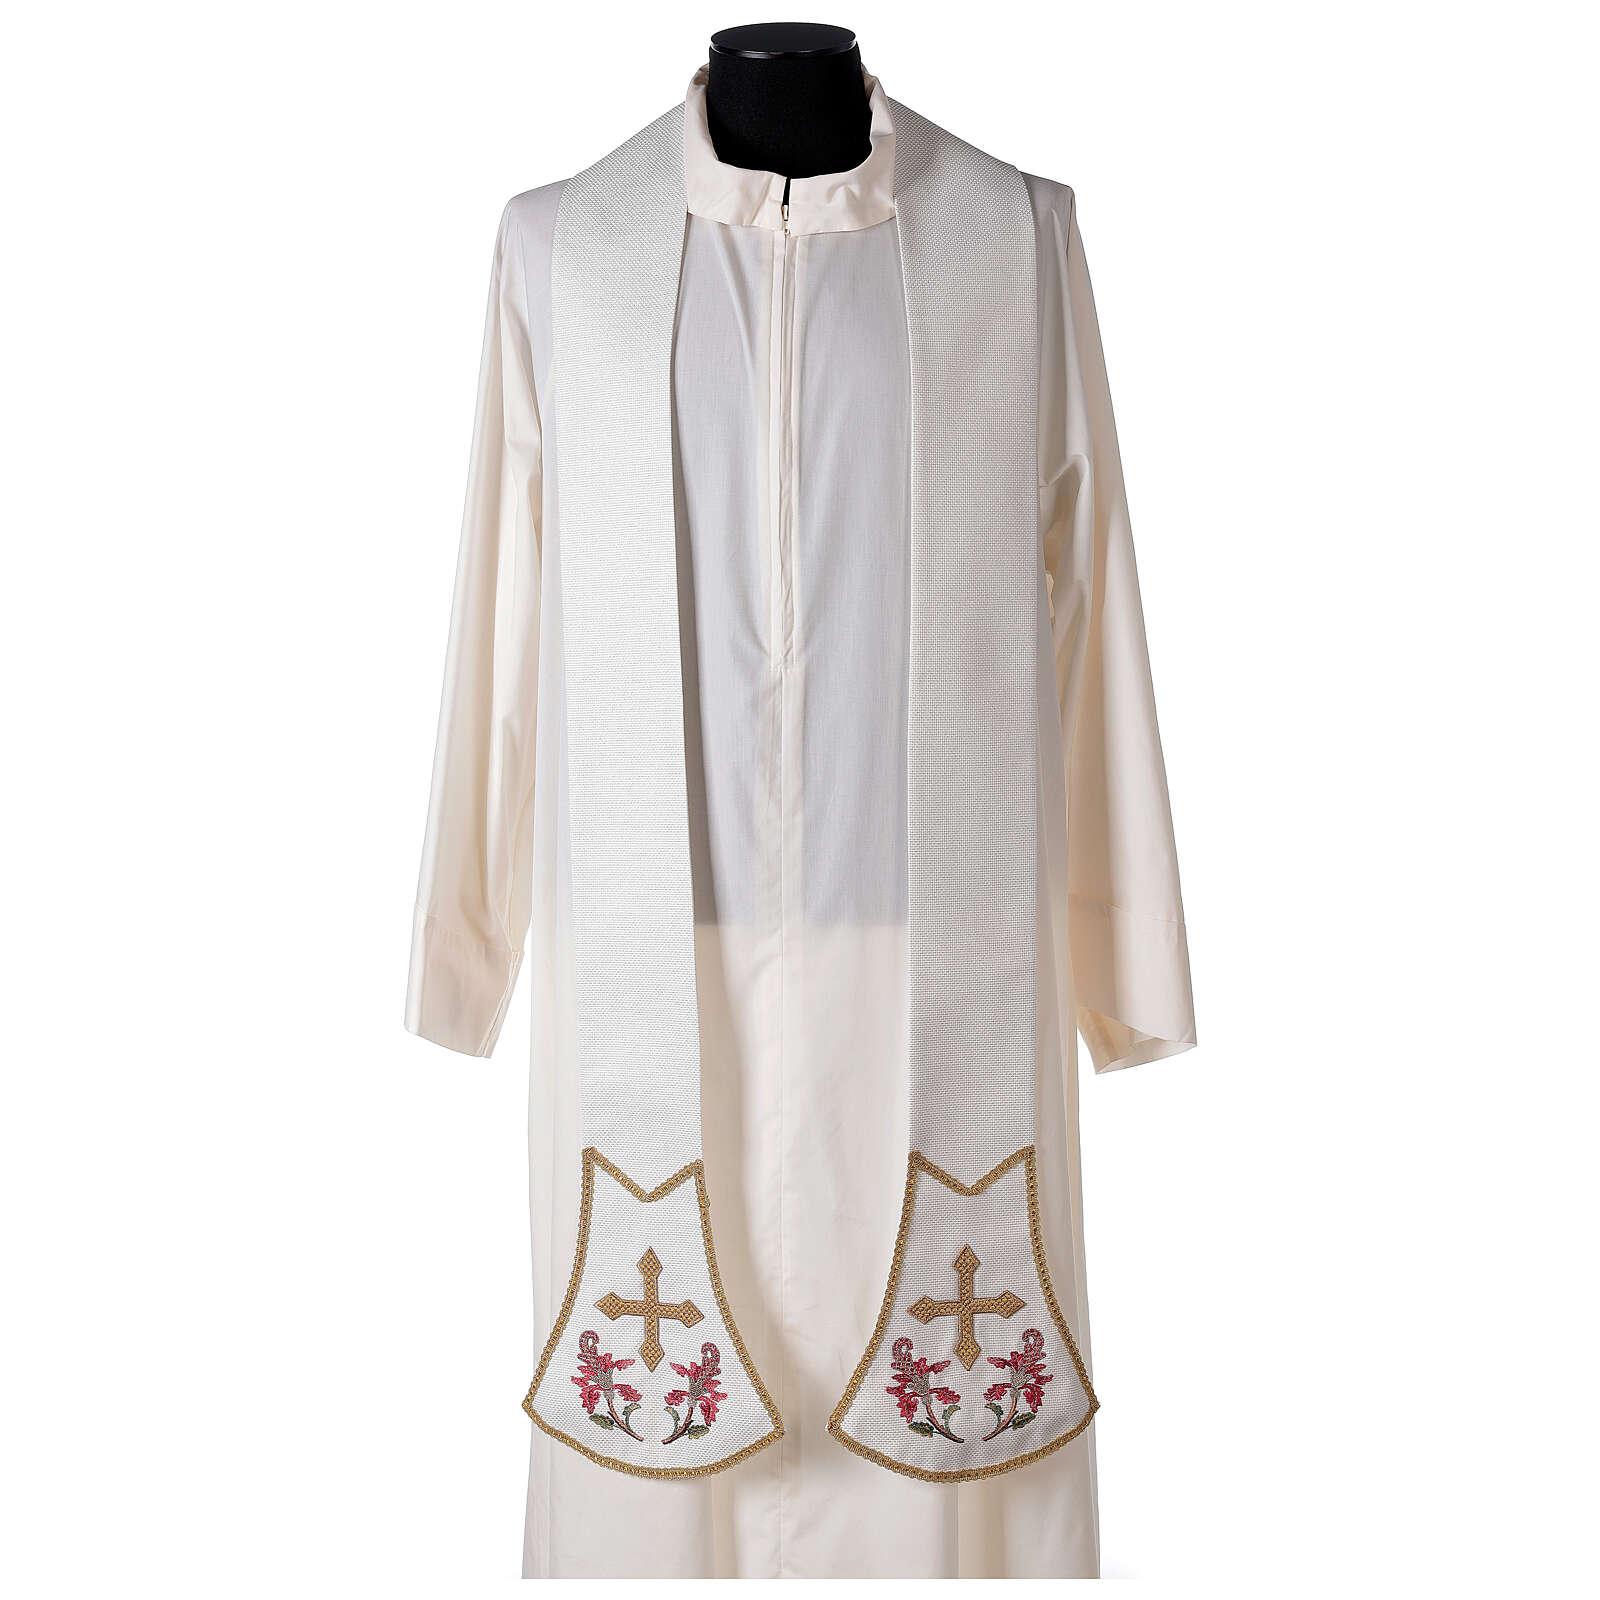 Estola sacerdotal crudo bordados florales y cruz dorada Limited Edition 4